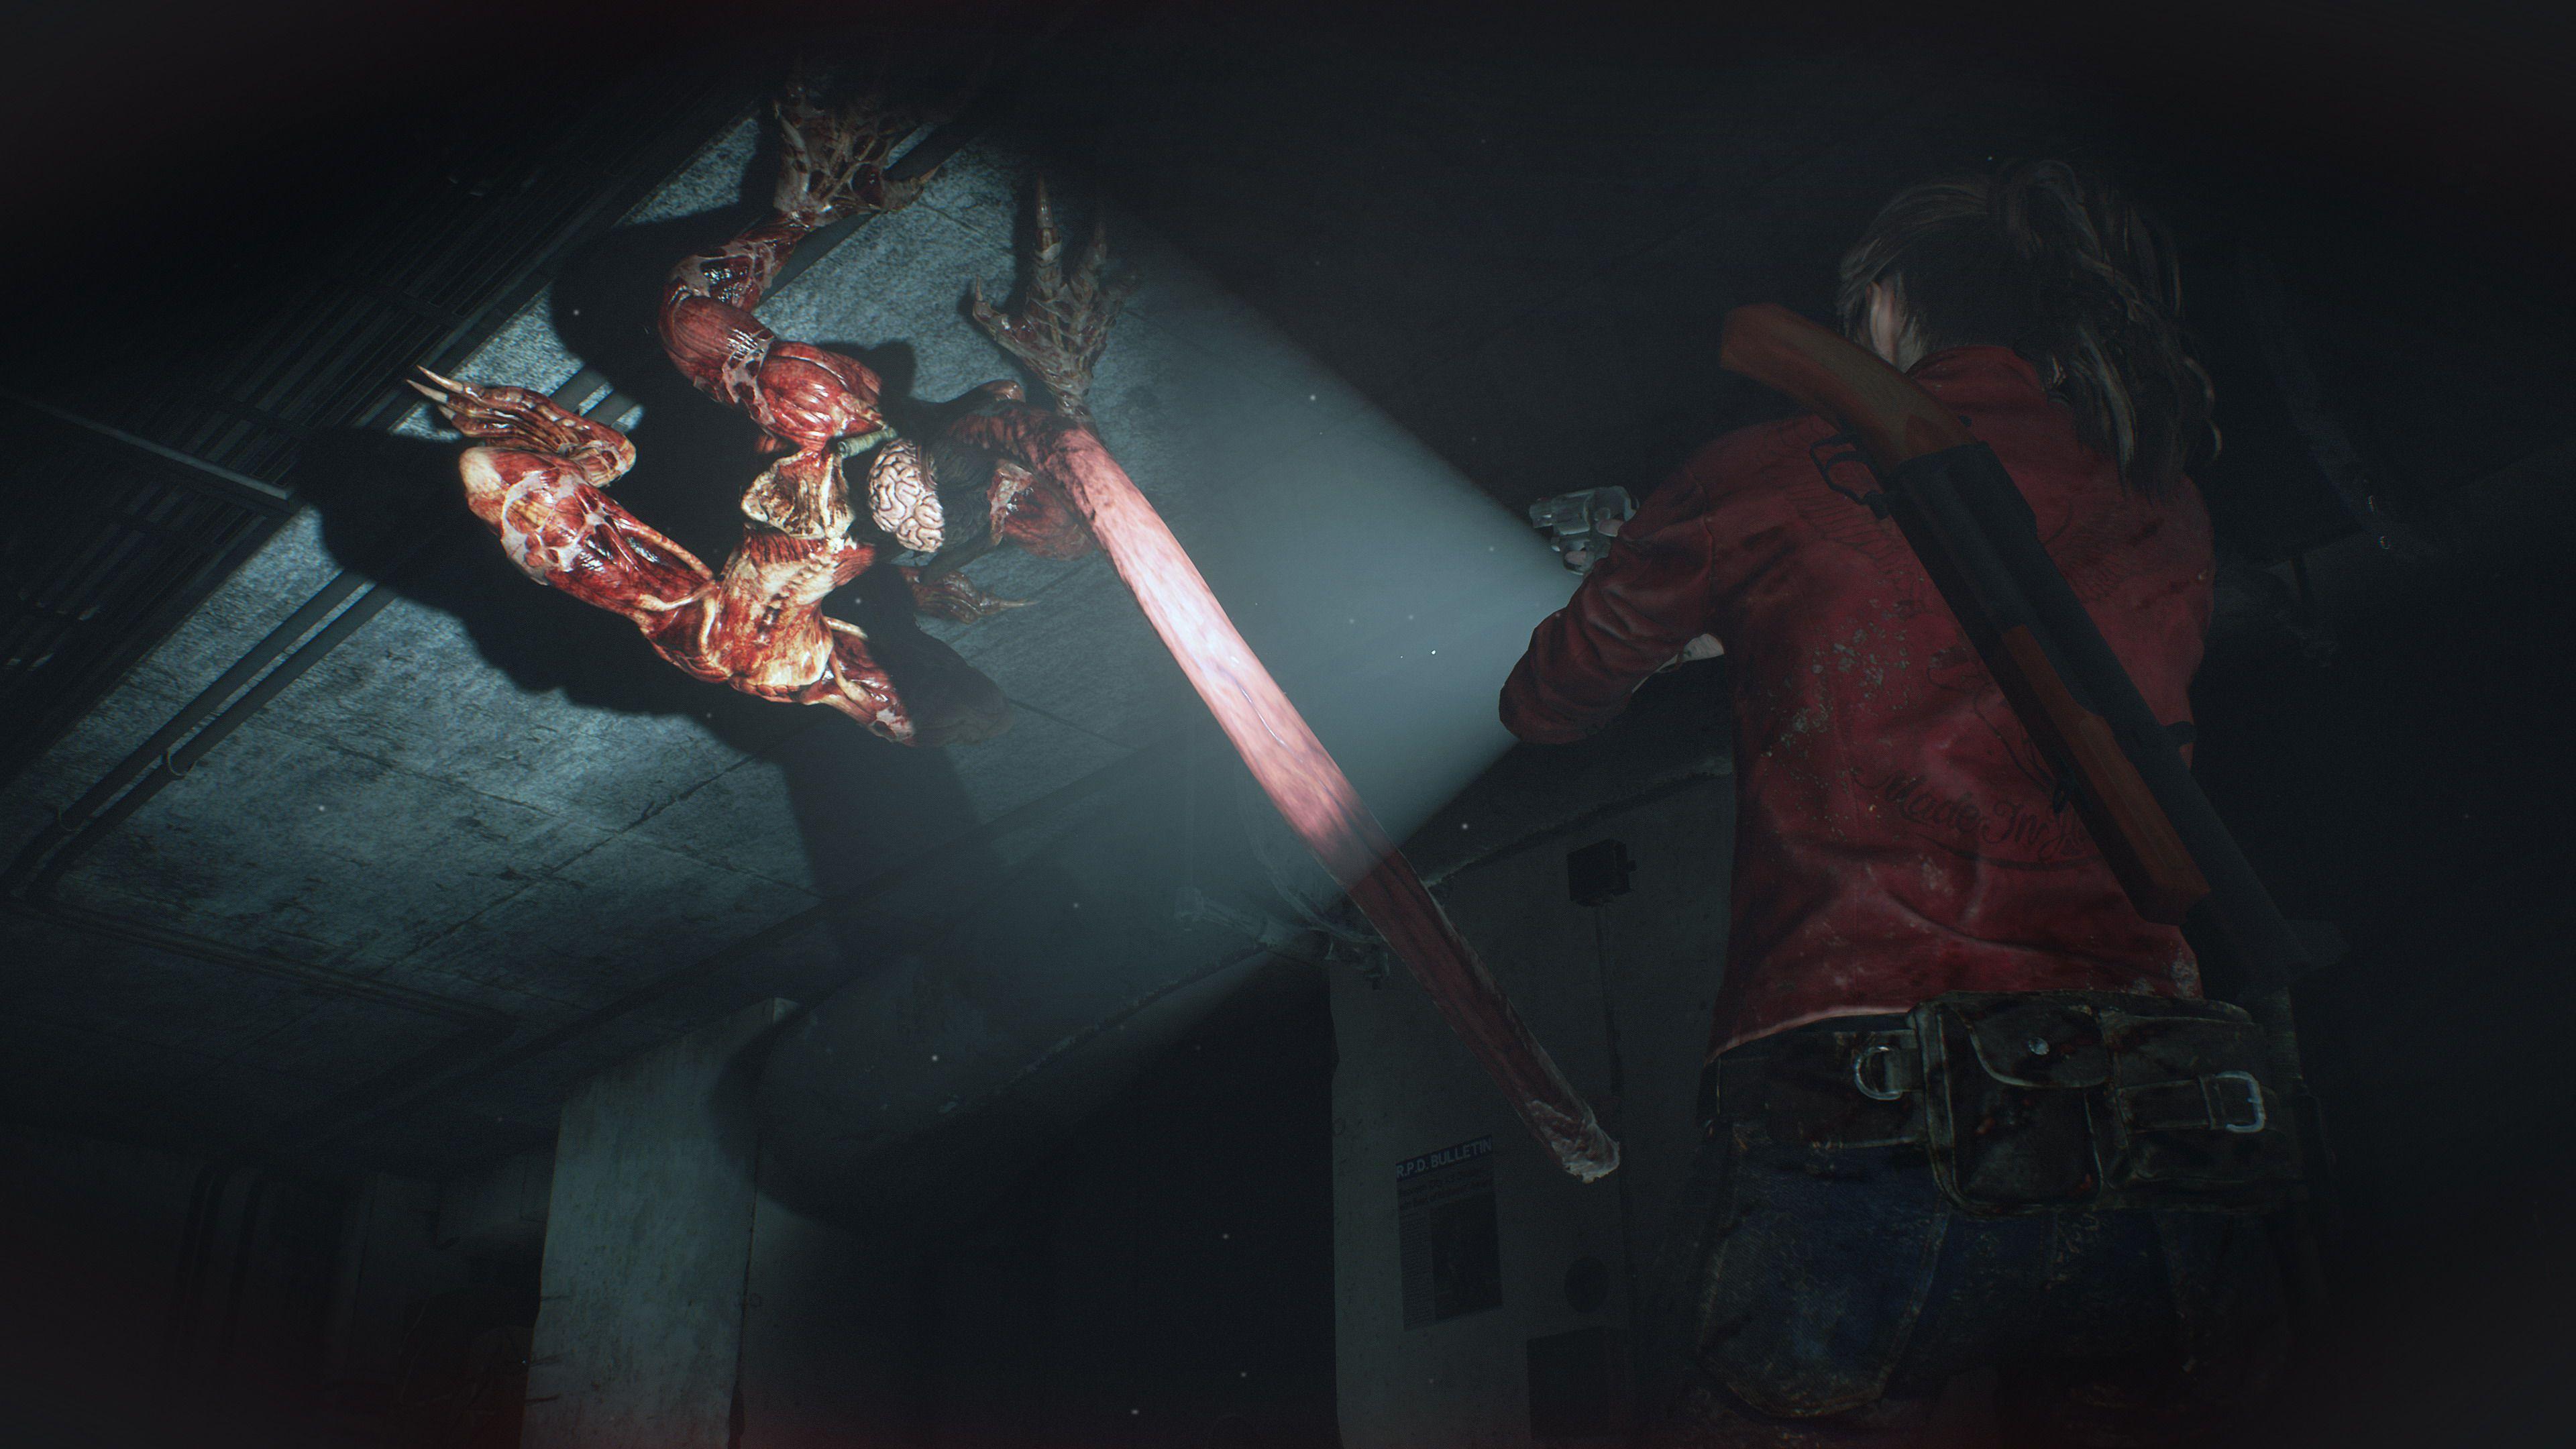 4 Gamekult Resident Evil Test 2remakePlaystation LqVpGzMSUj